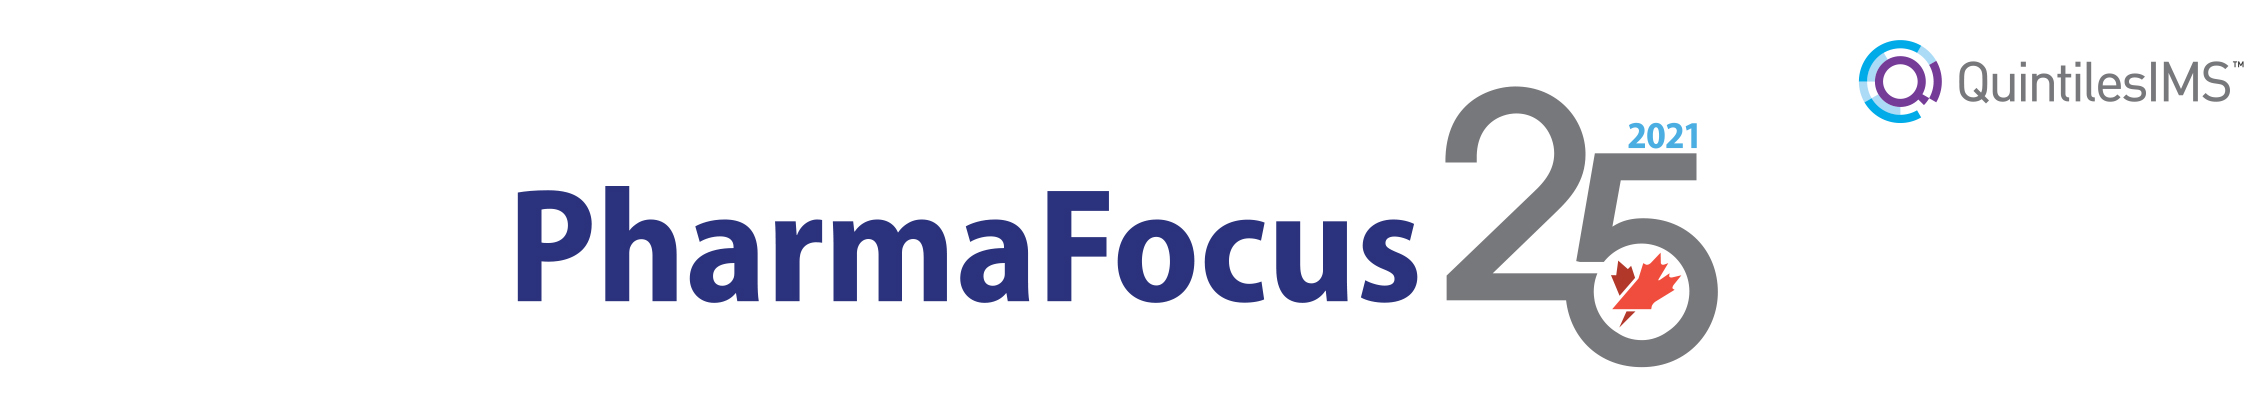 PharmaFocus 2021 Update Luncheon Briefings